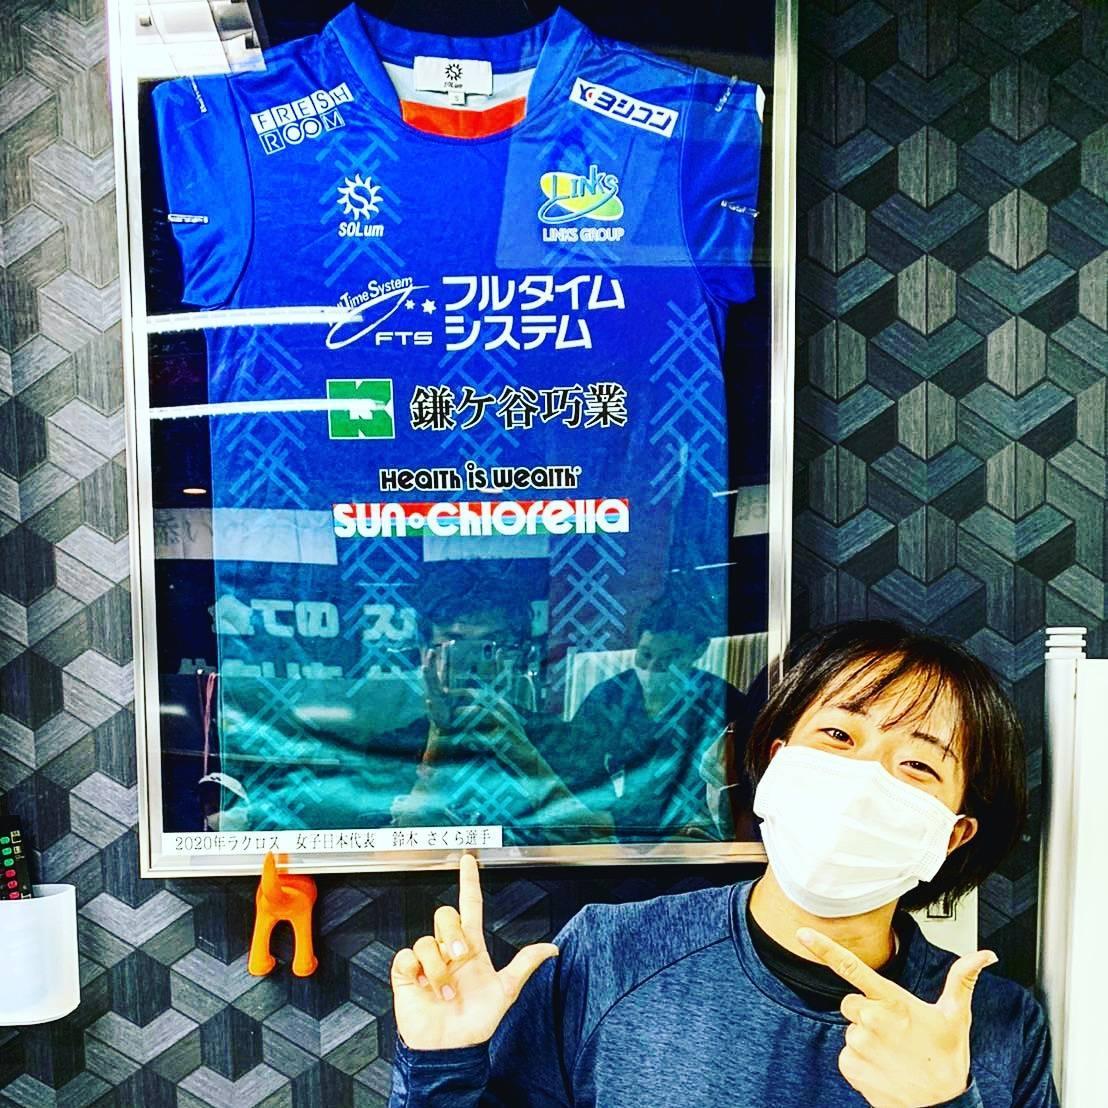 日本 代表 女子 ラクロス